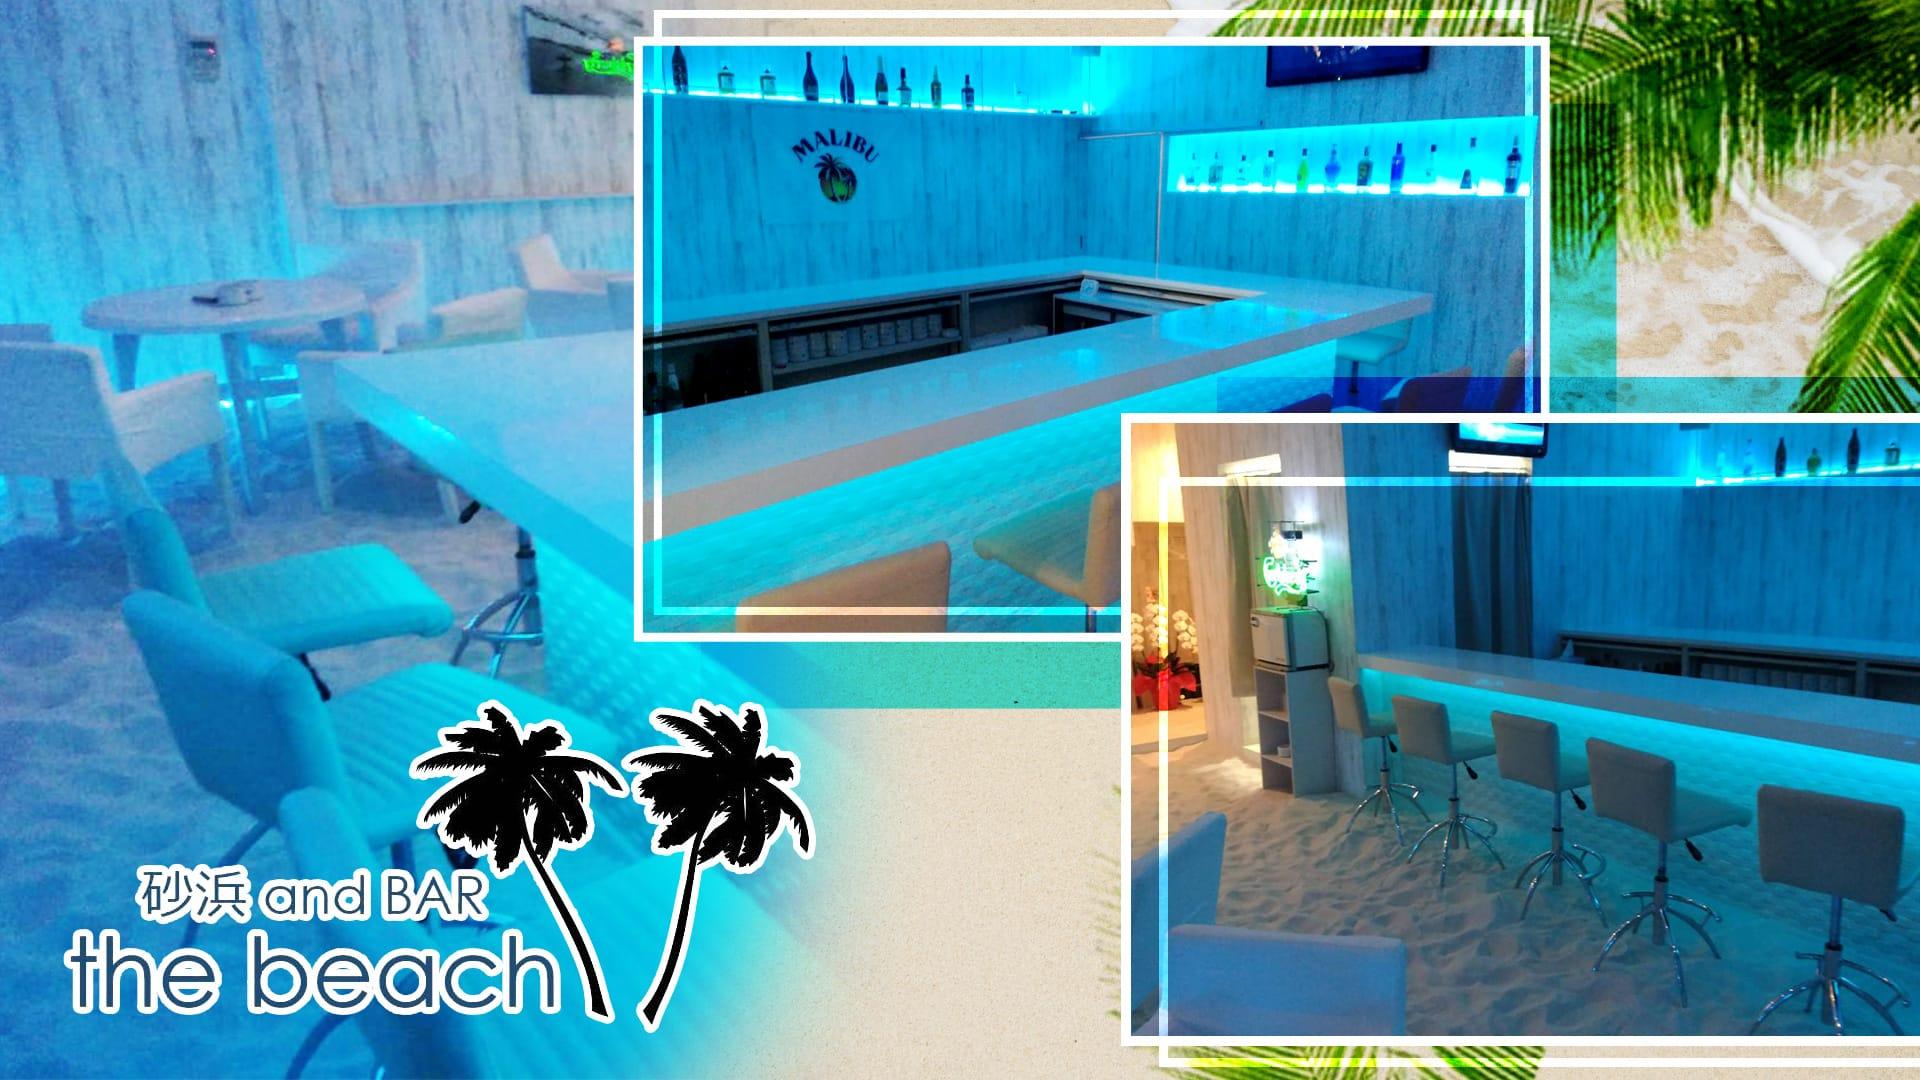 【戸田】砂浜andBAR TheBeach(ビーチ) 南浦和ガールズバー TOP画像